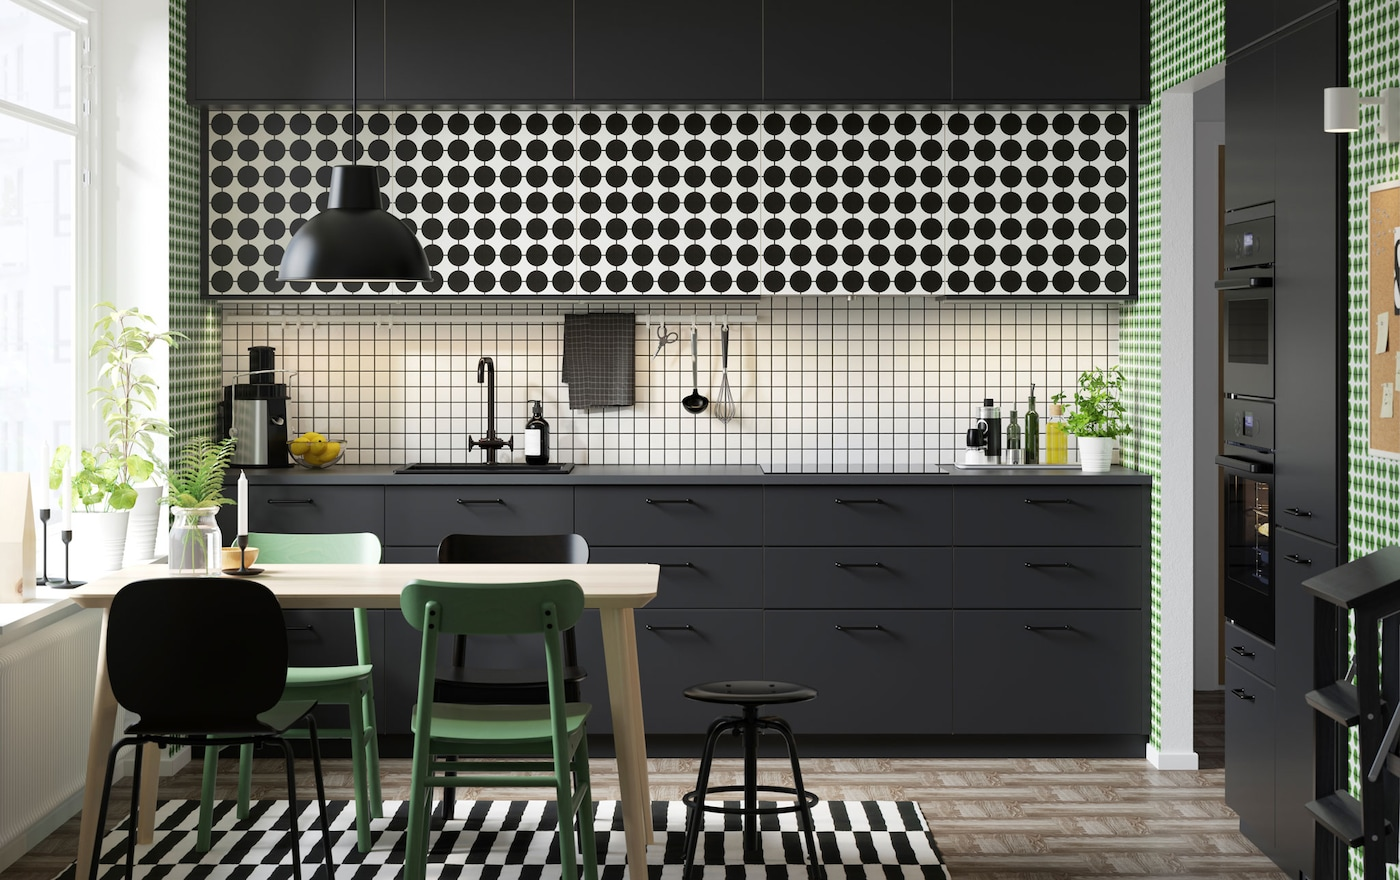 Outdoor Küche Ikea Usa : Küche inspirationen für dein zuhause ikea